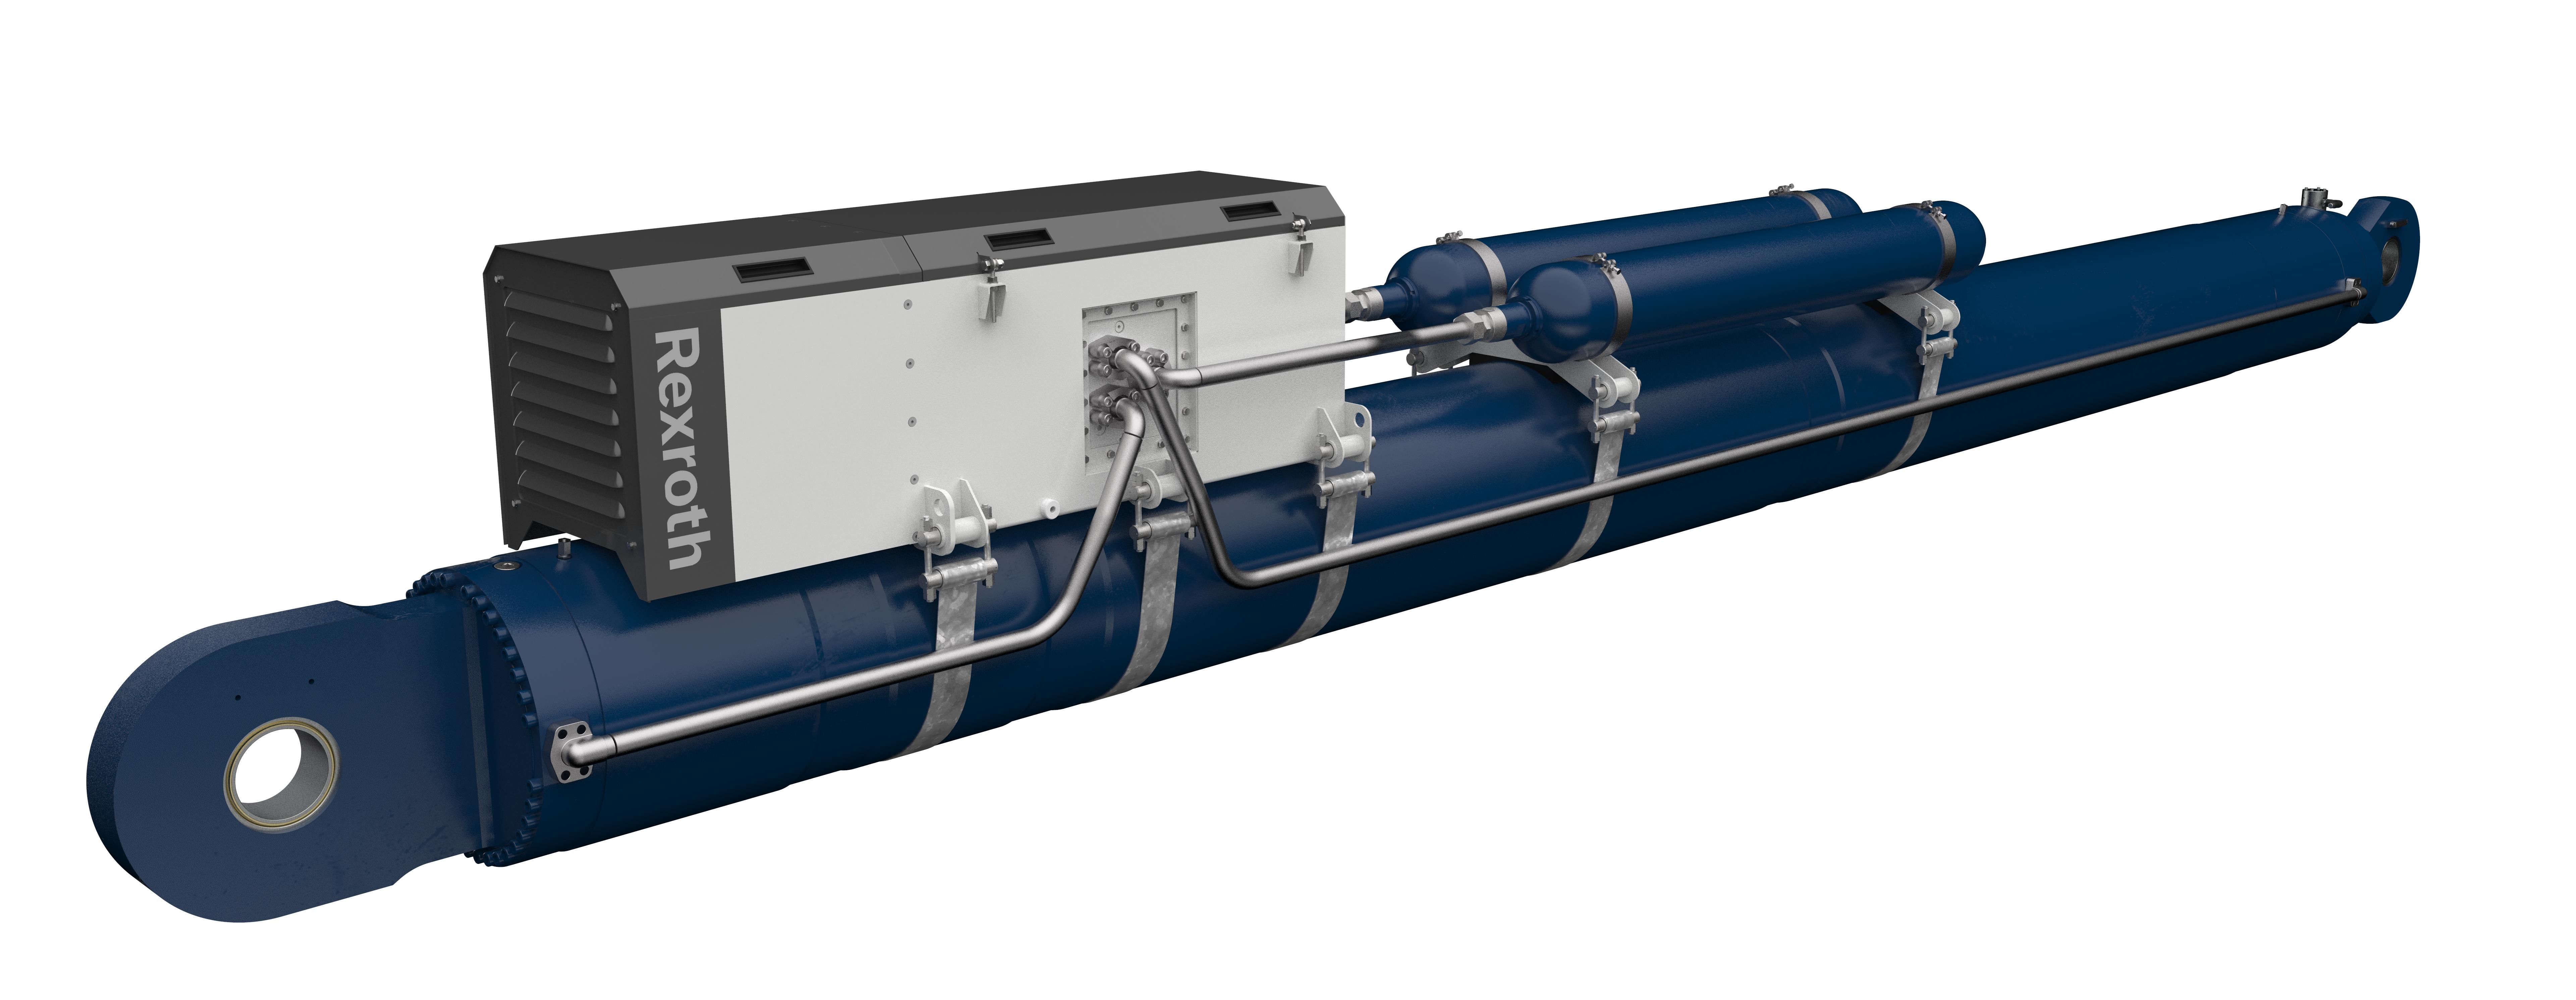 Plug-and-play-oplossing voor beweegbare bruggen en scheepssluizen